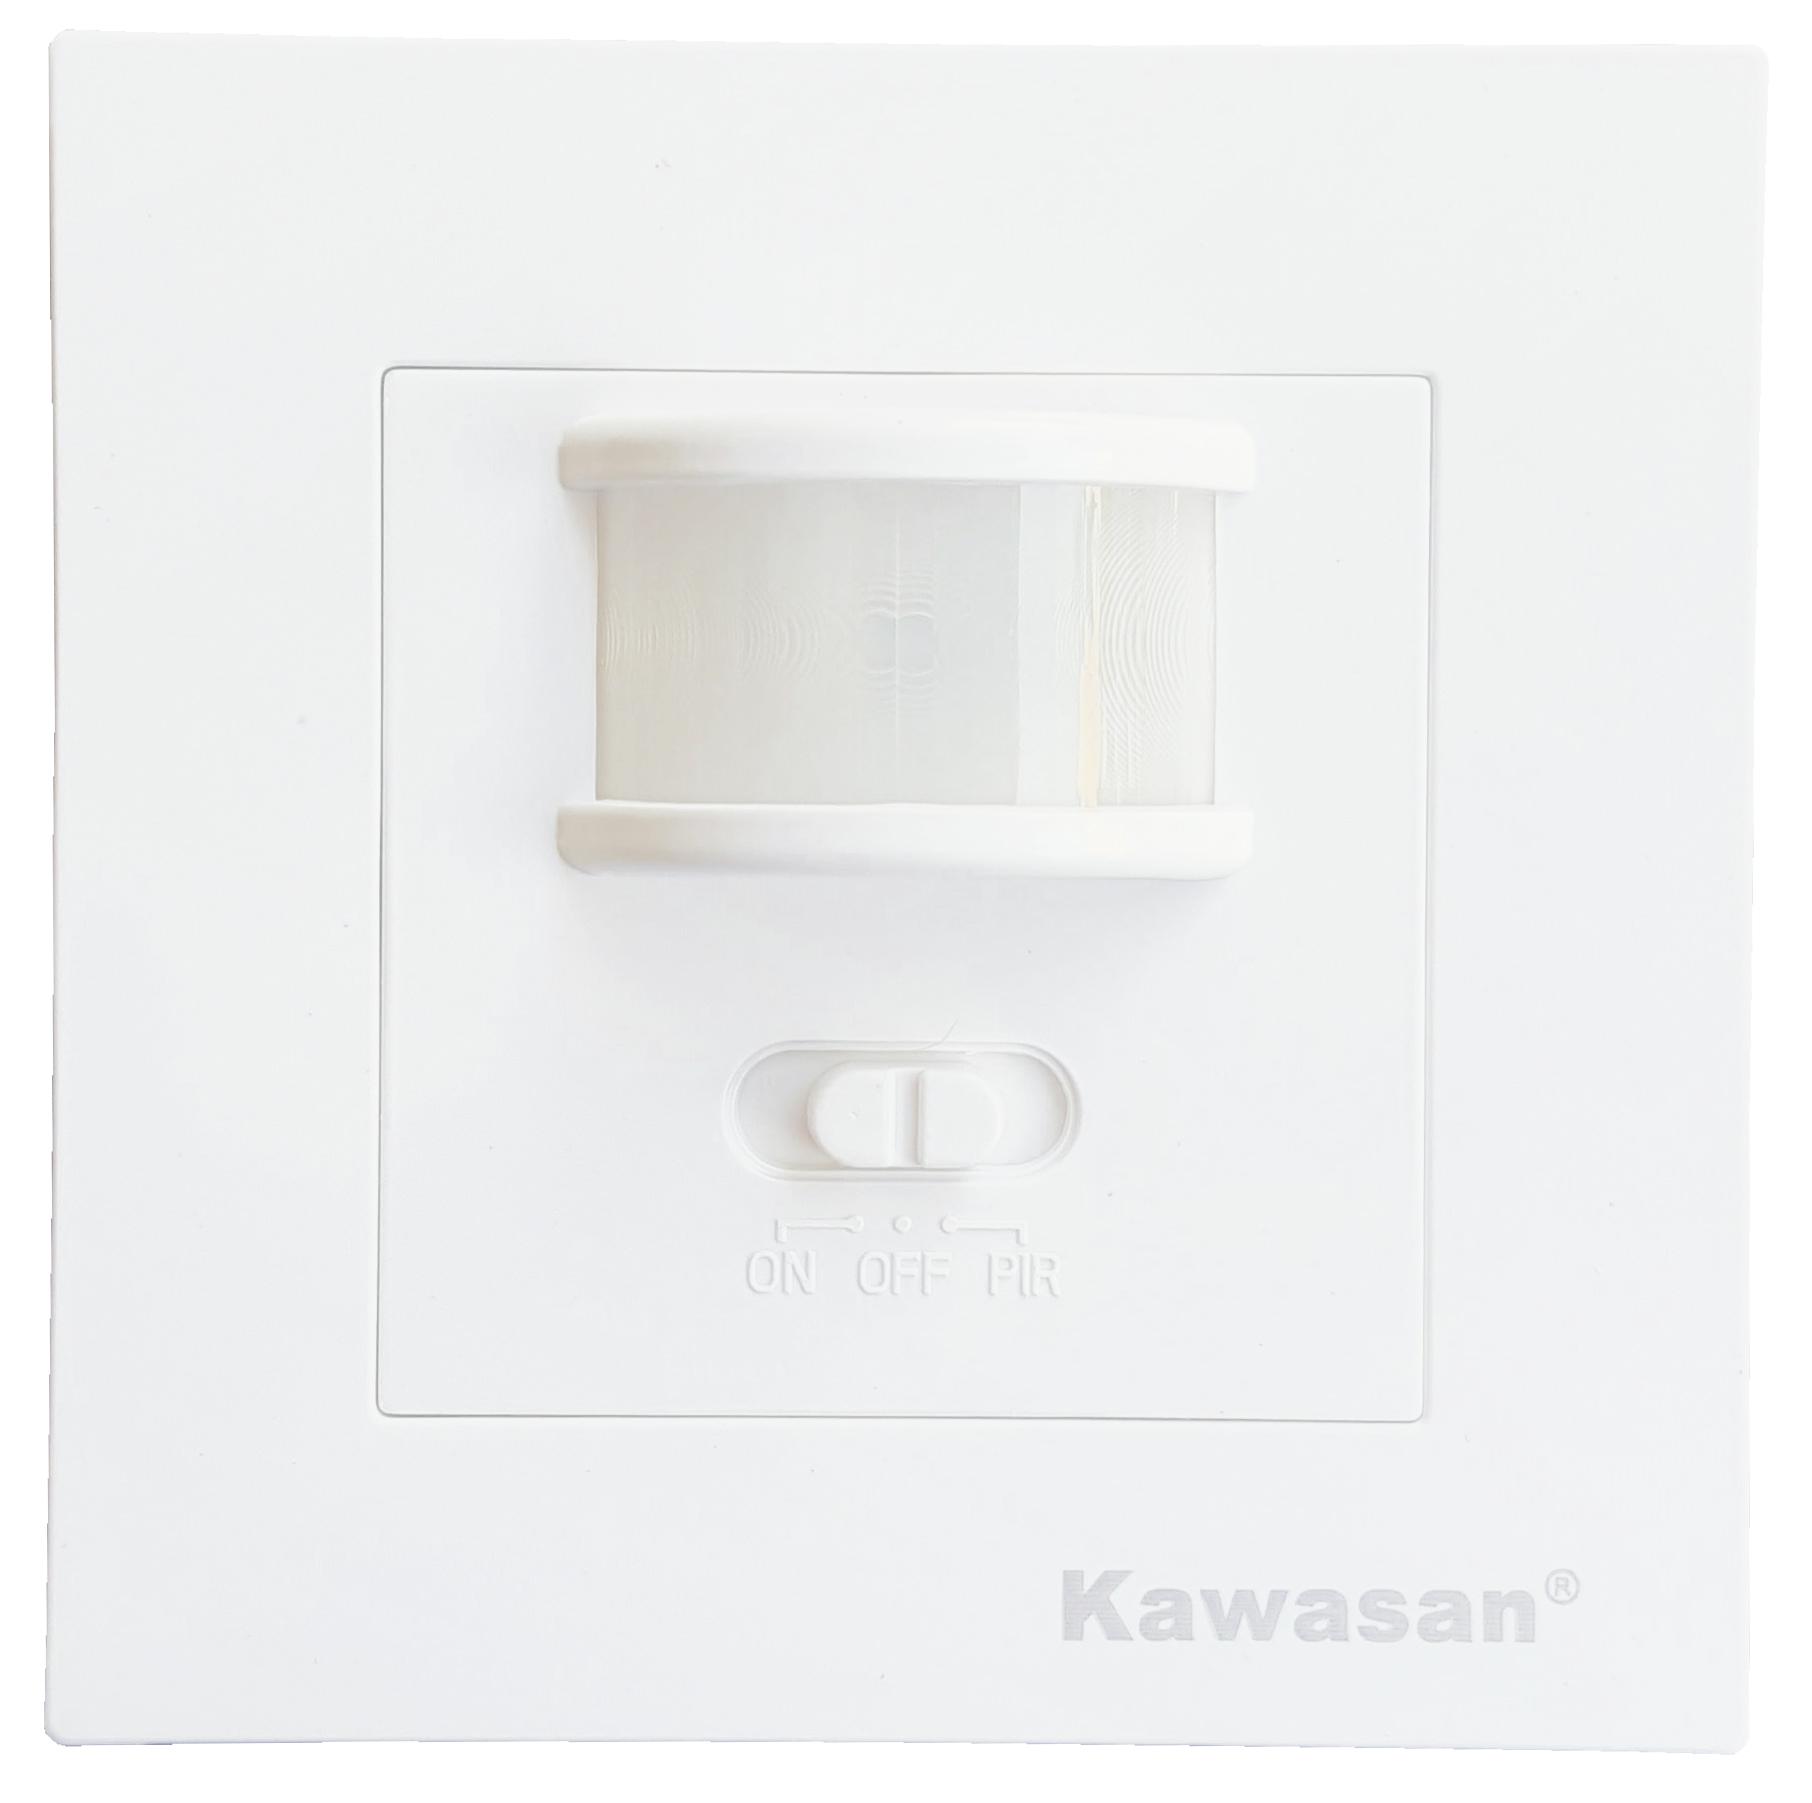 SS21D3 chức năng điều chỉnh ánh sáng (độ Lux) để giúp tiết kiệm điện công tắc cảm ứng hồng ngoại